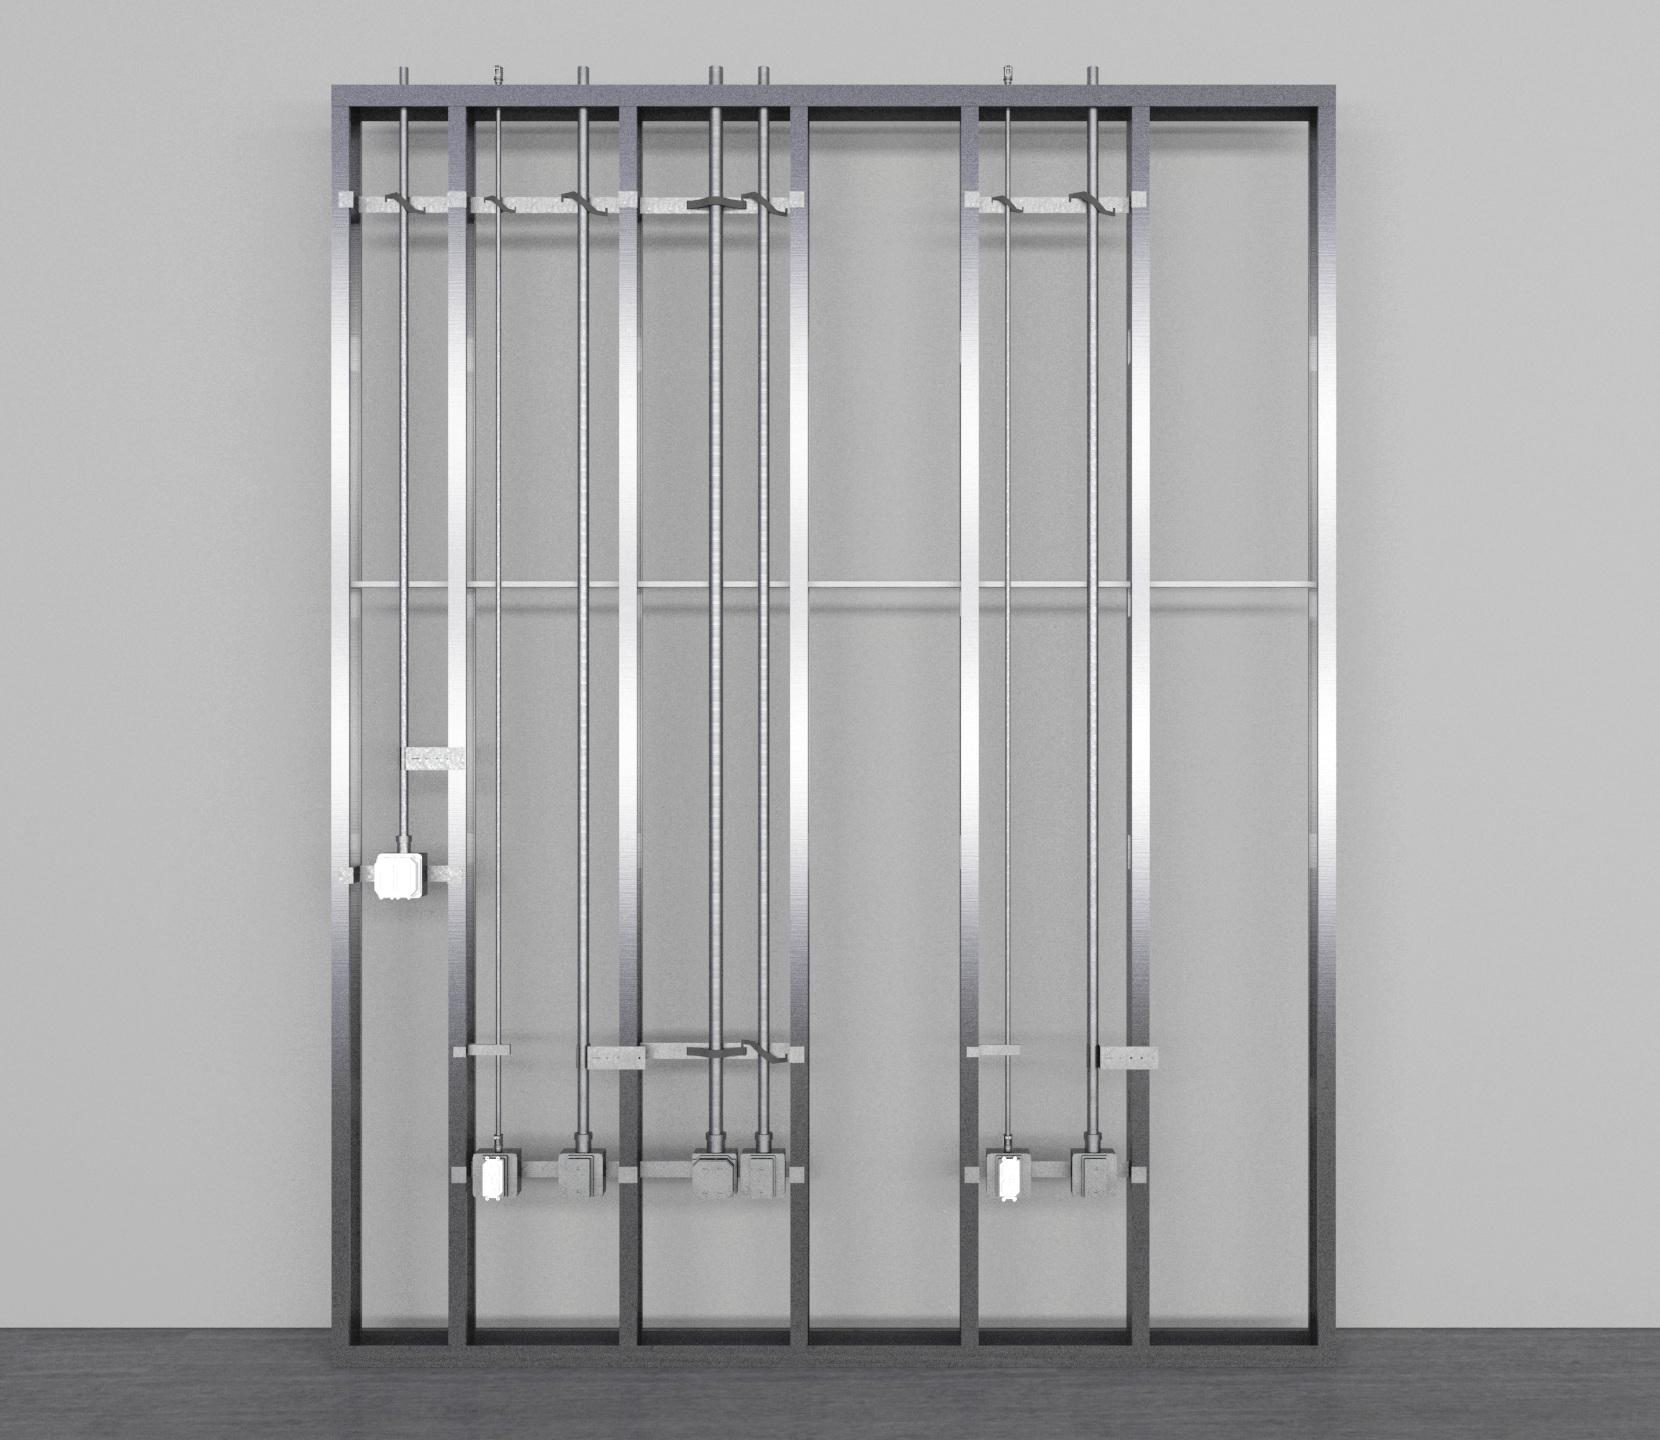 TeKwall Panels